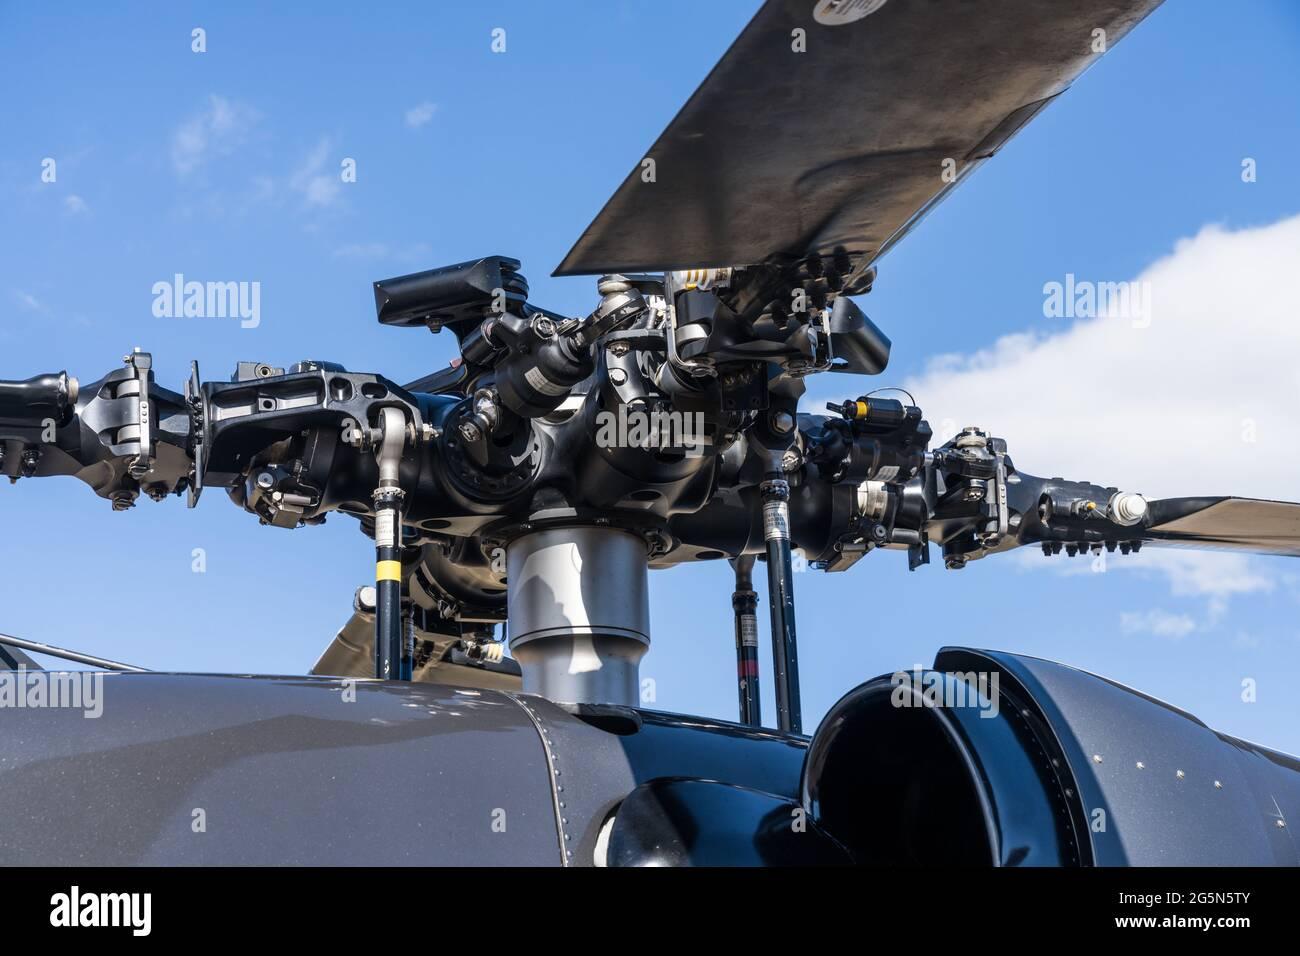 El cabezal del rotor completamente articulado o el cubo del rotor en un helicóptero Sikorsky UH-60. Foto de stock